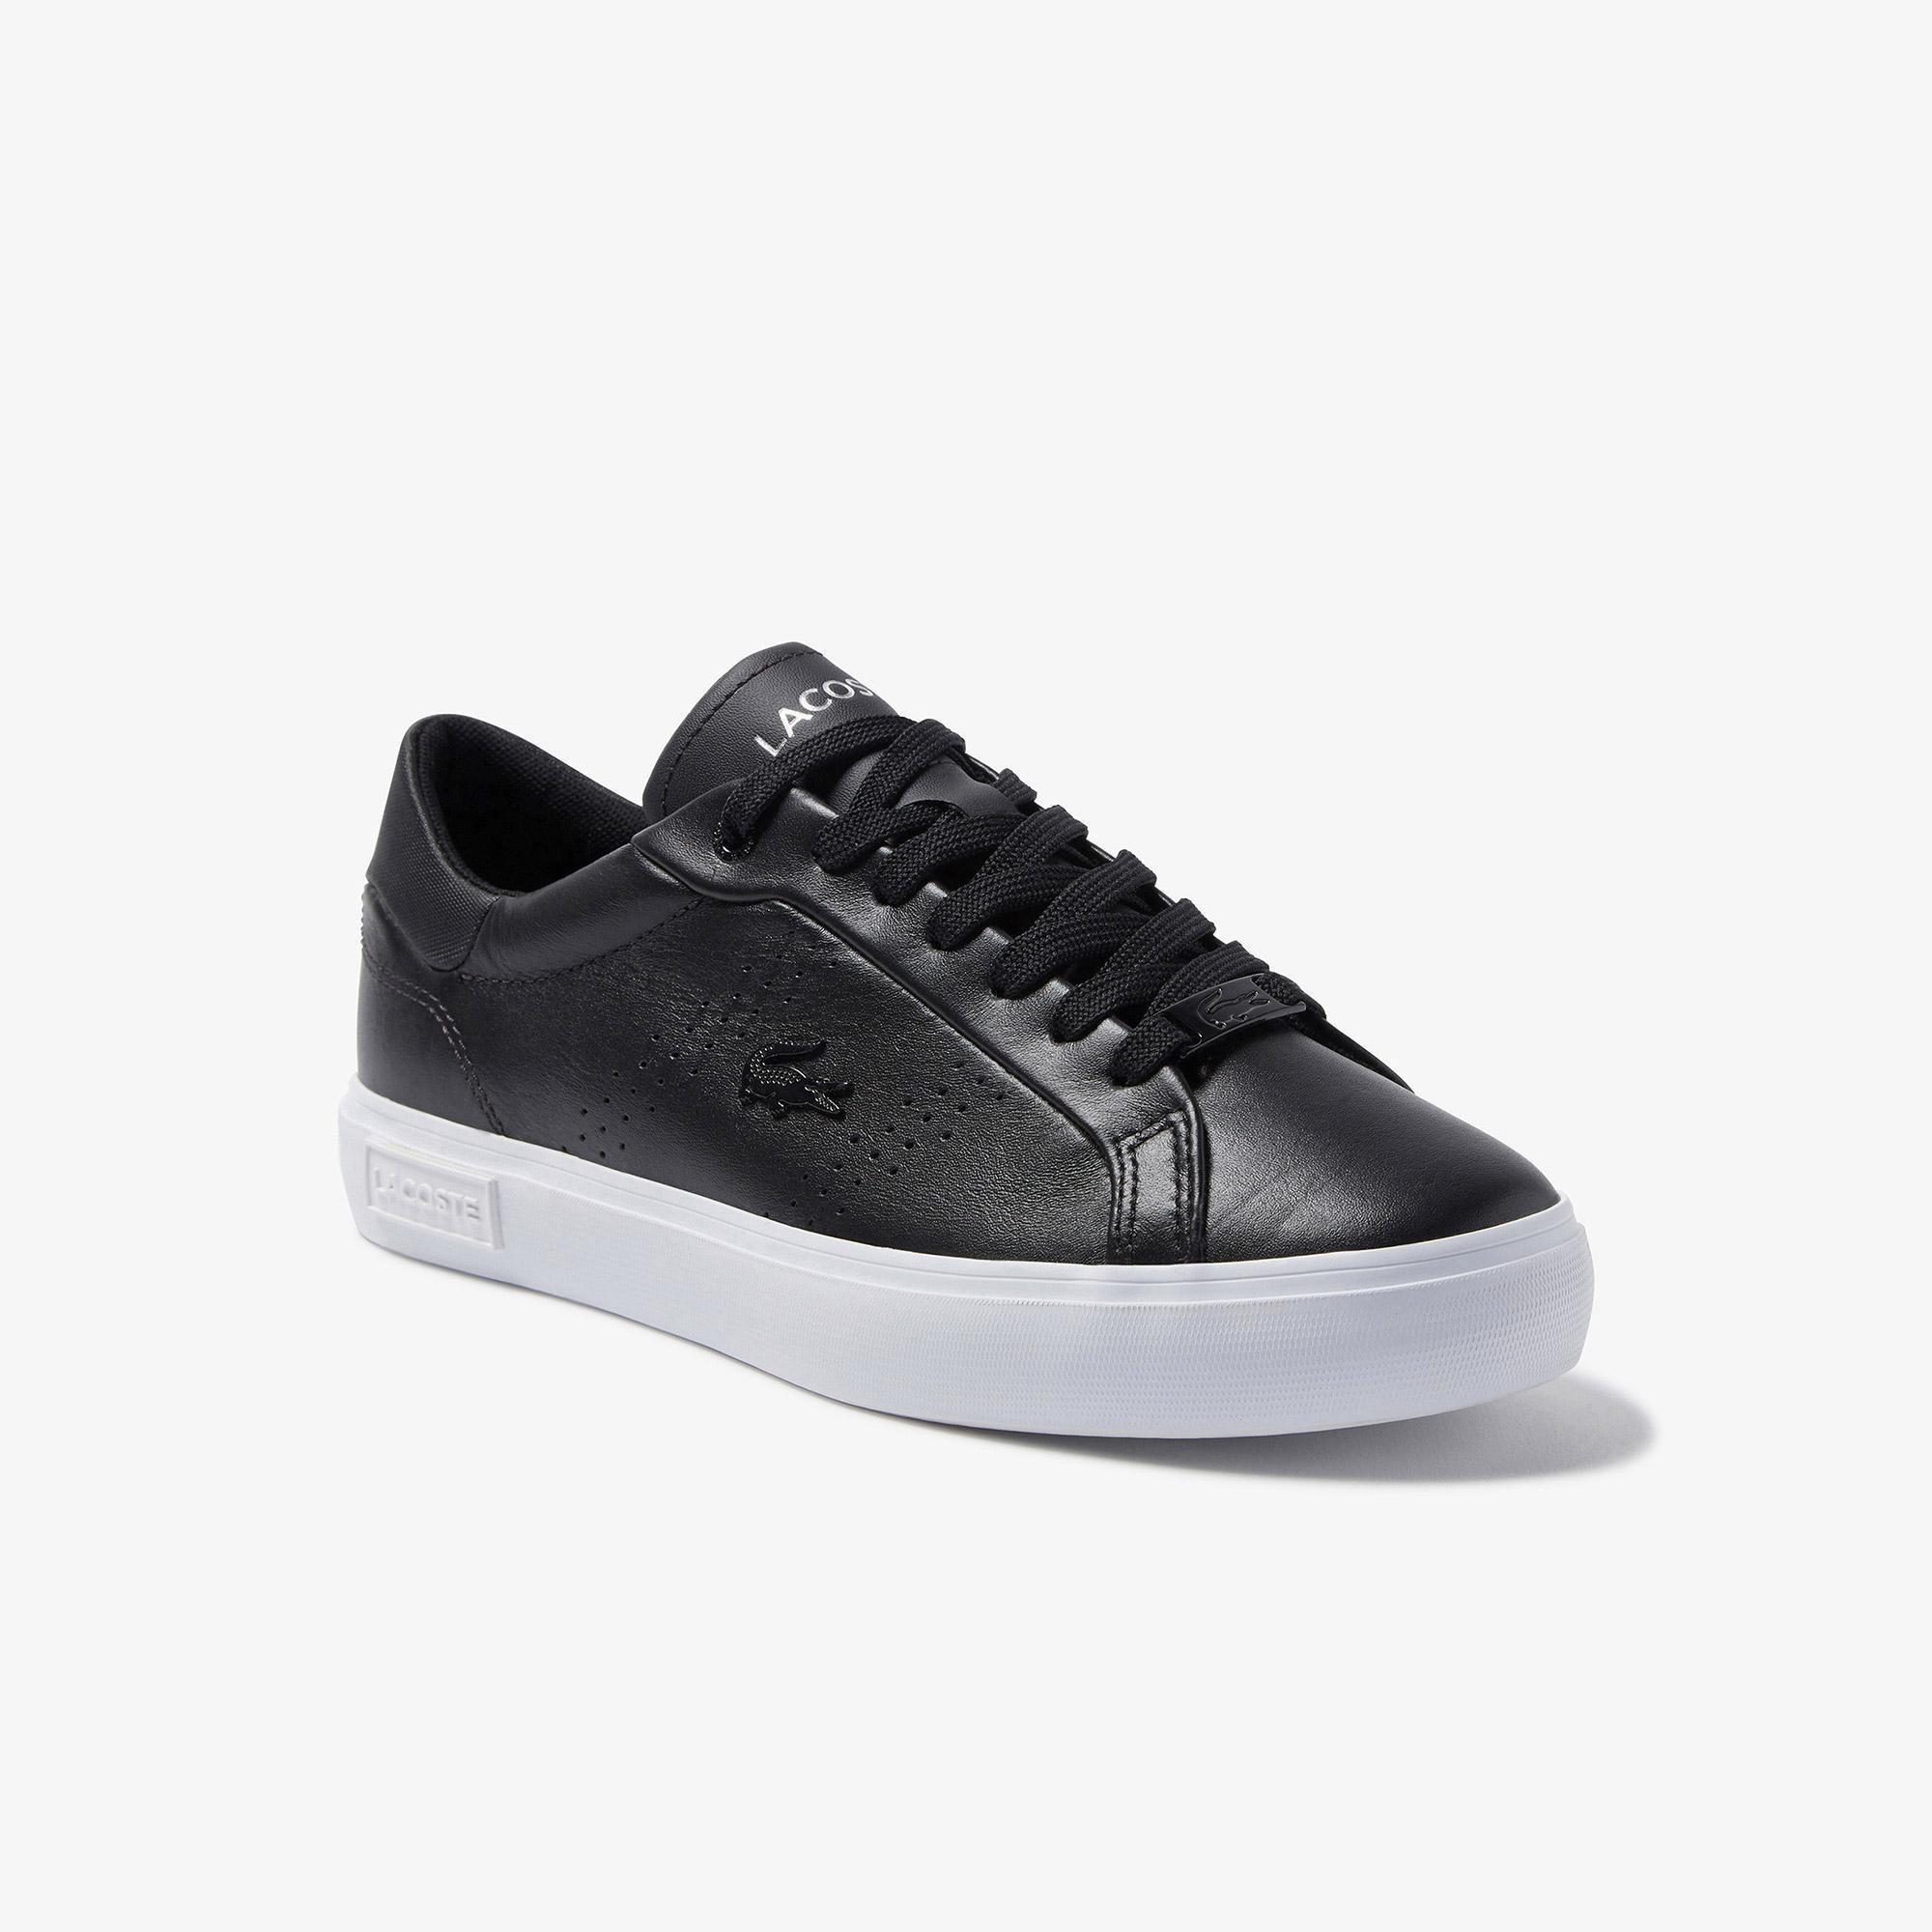 Lacoste Damskie sneakersy skórzane Powercut 2.0